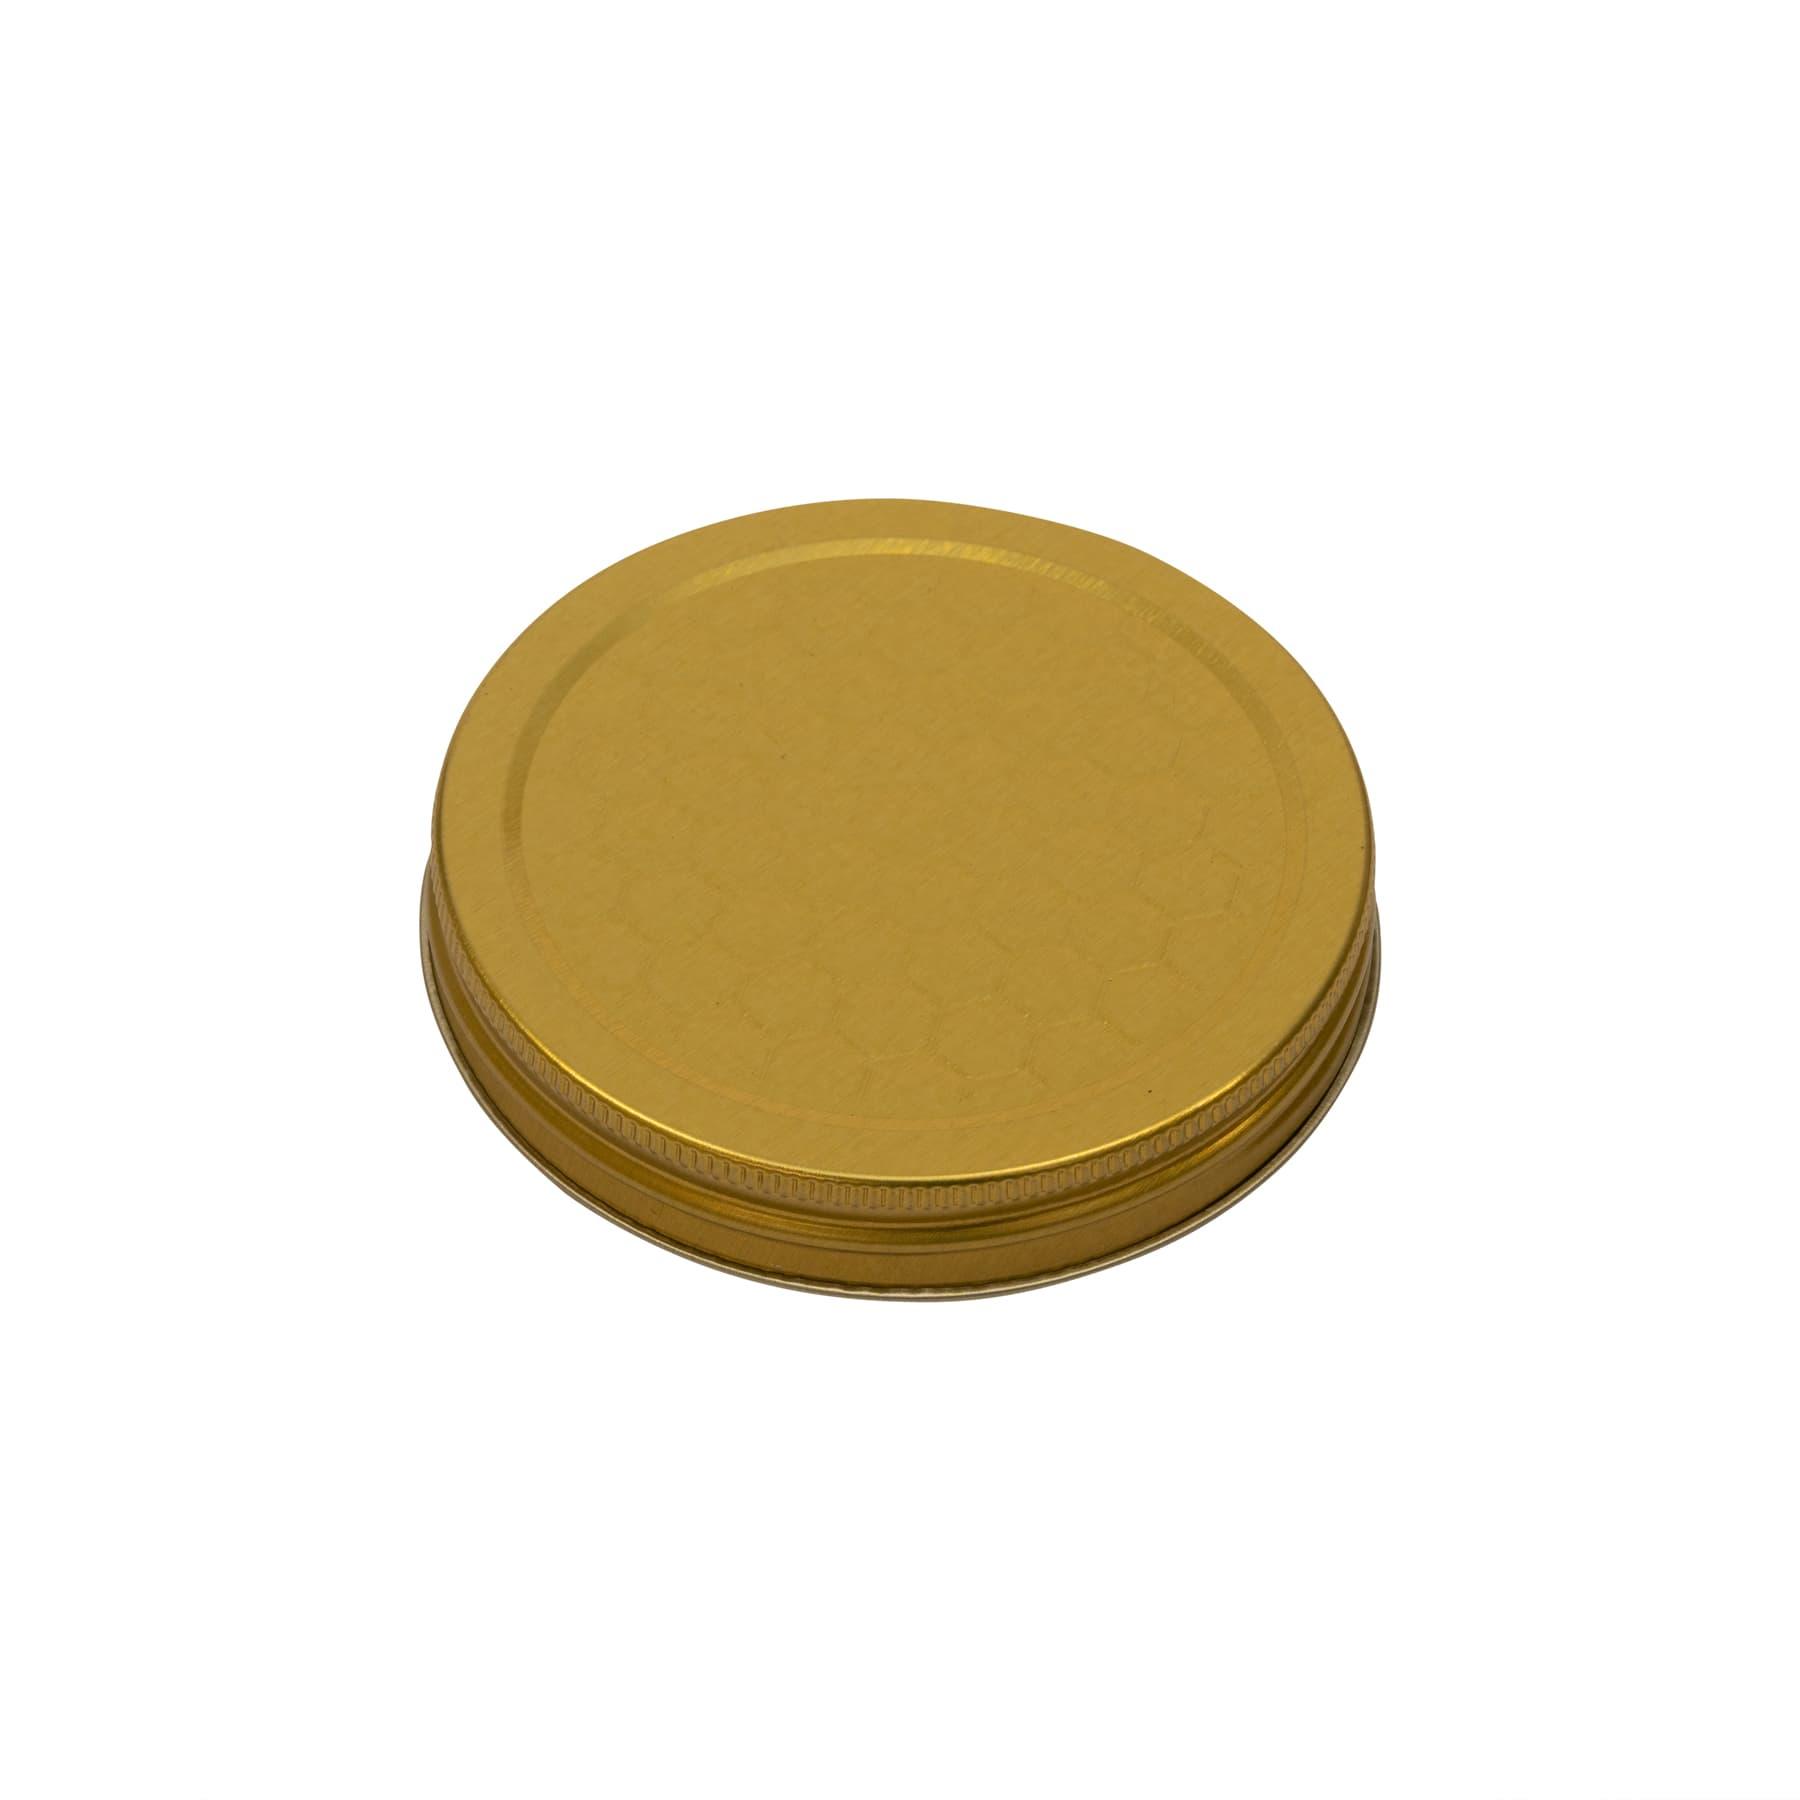 Schraubdeckel metall  für 500 g Glas (Weißblech gold lackiert) mit geprägtem Wabenmuster 80/15 mm